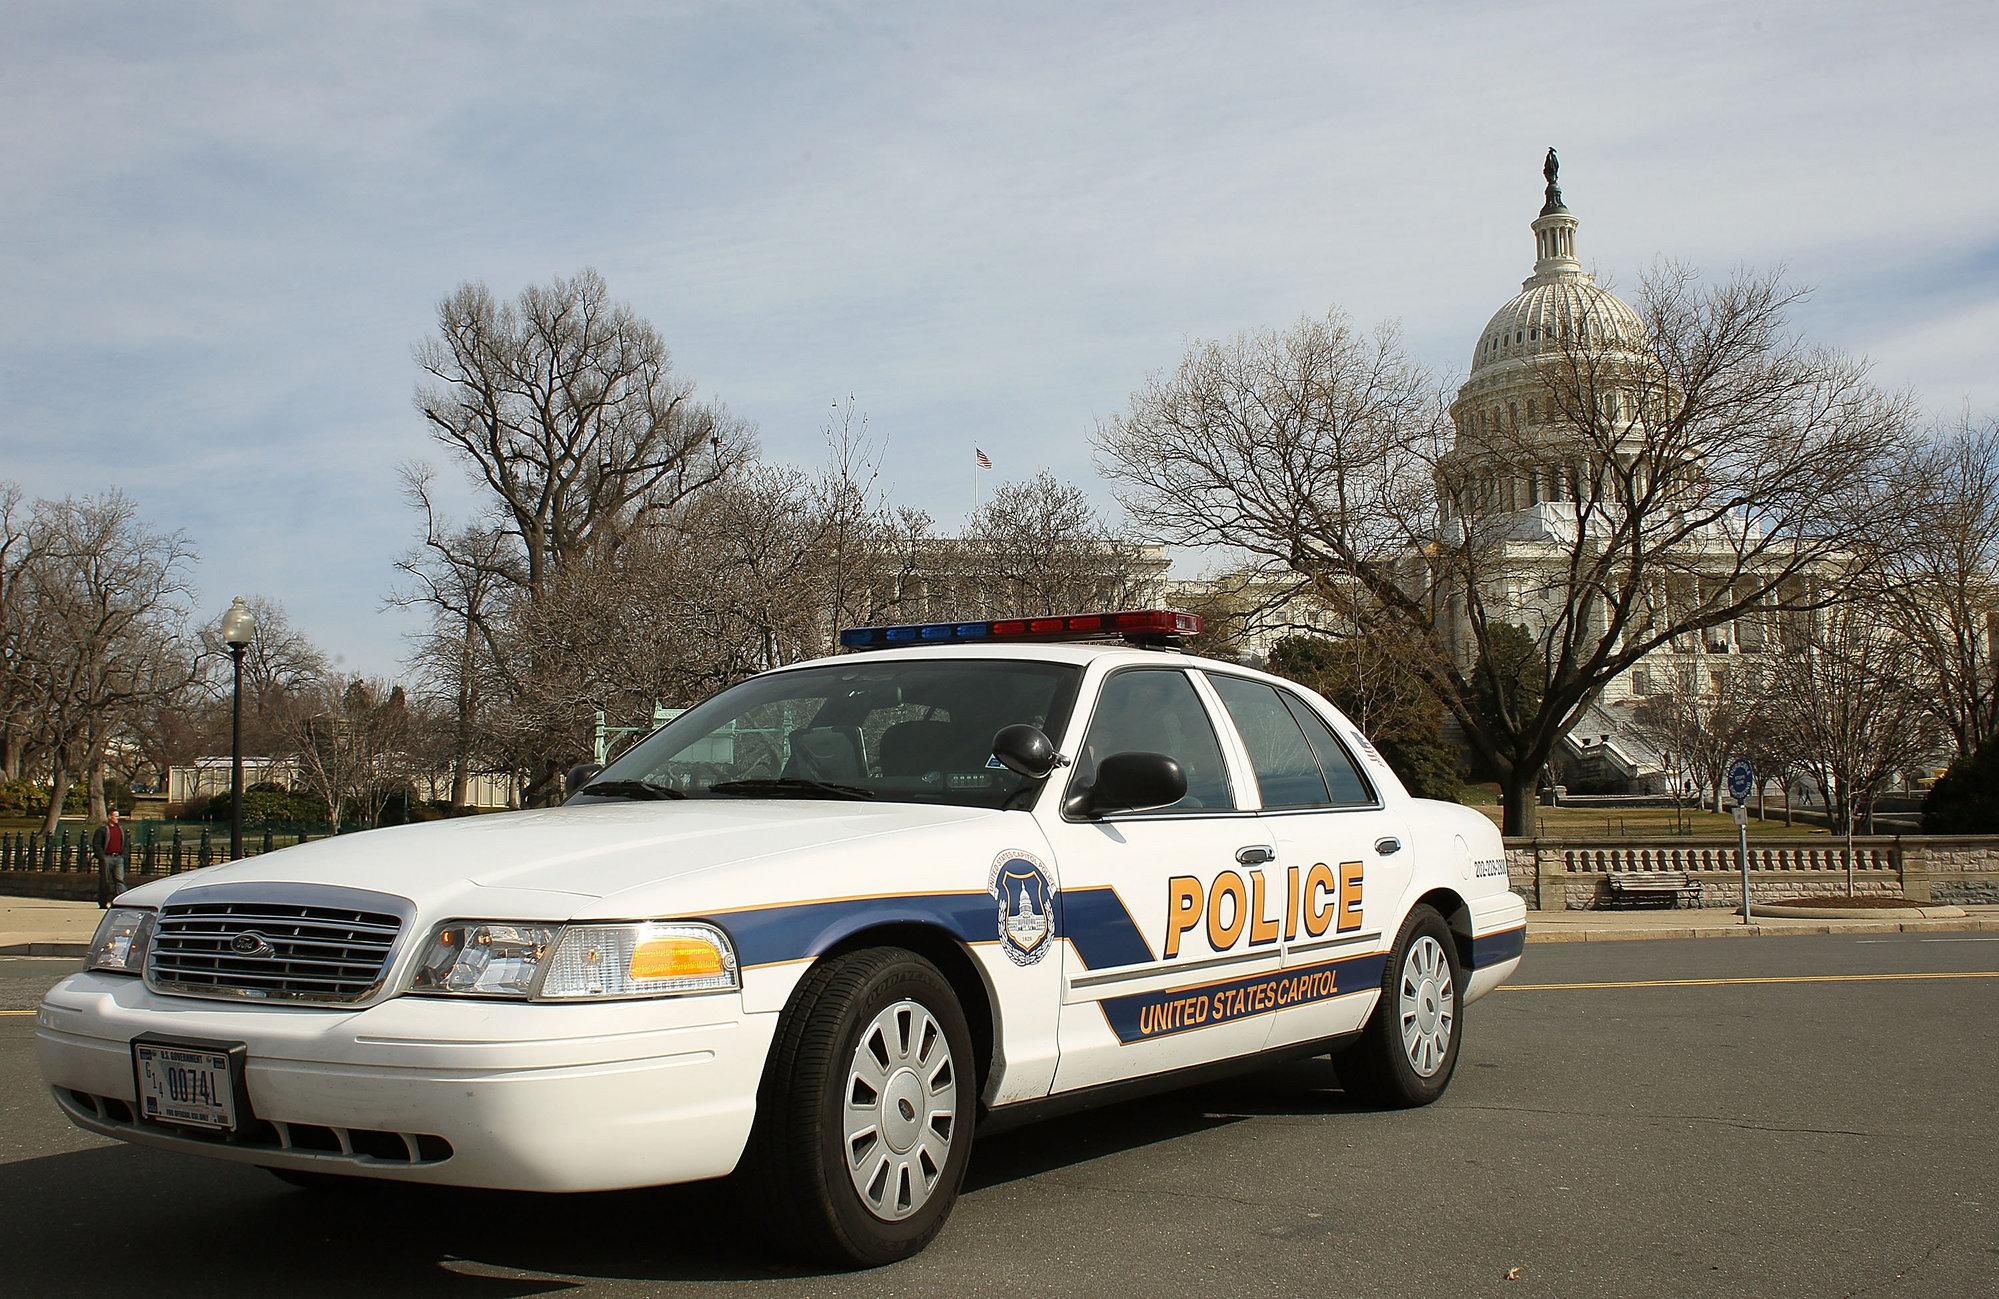 El FBI tuvo controlado al suicida del Capitolio haciéndose pasar por Al Qaeda